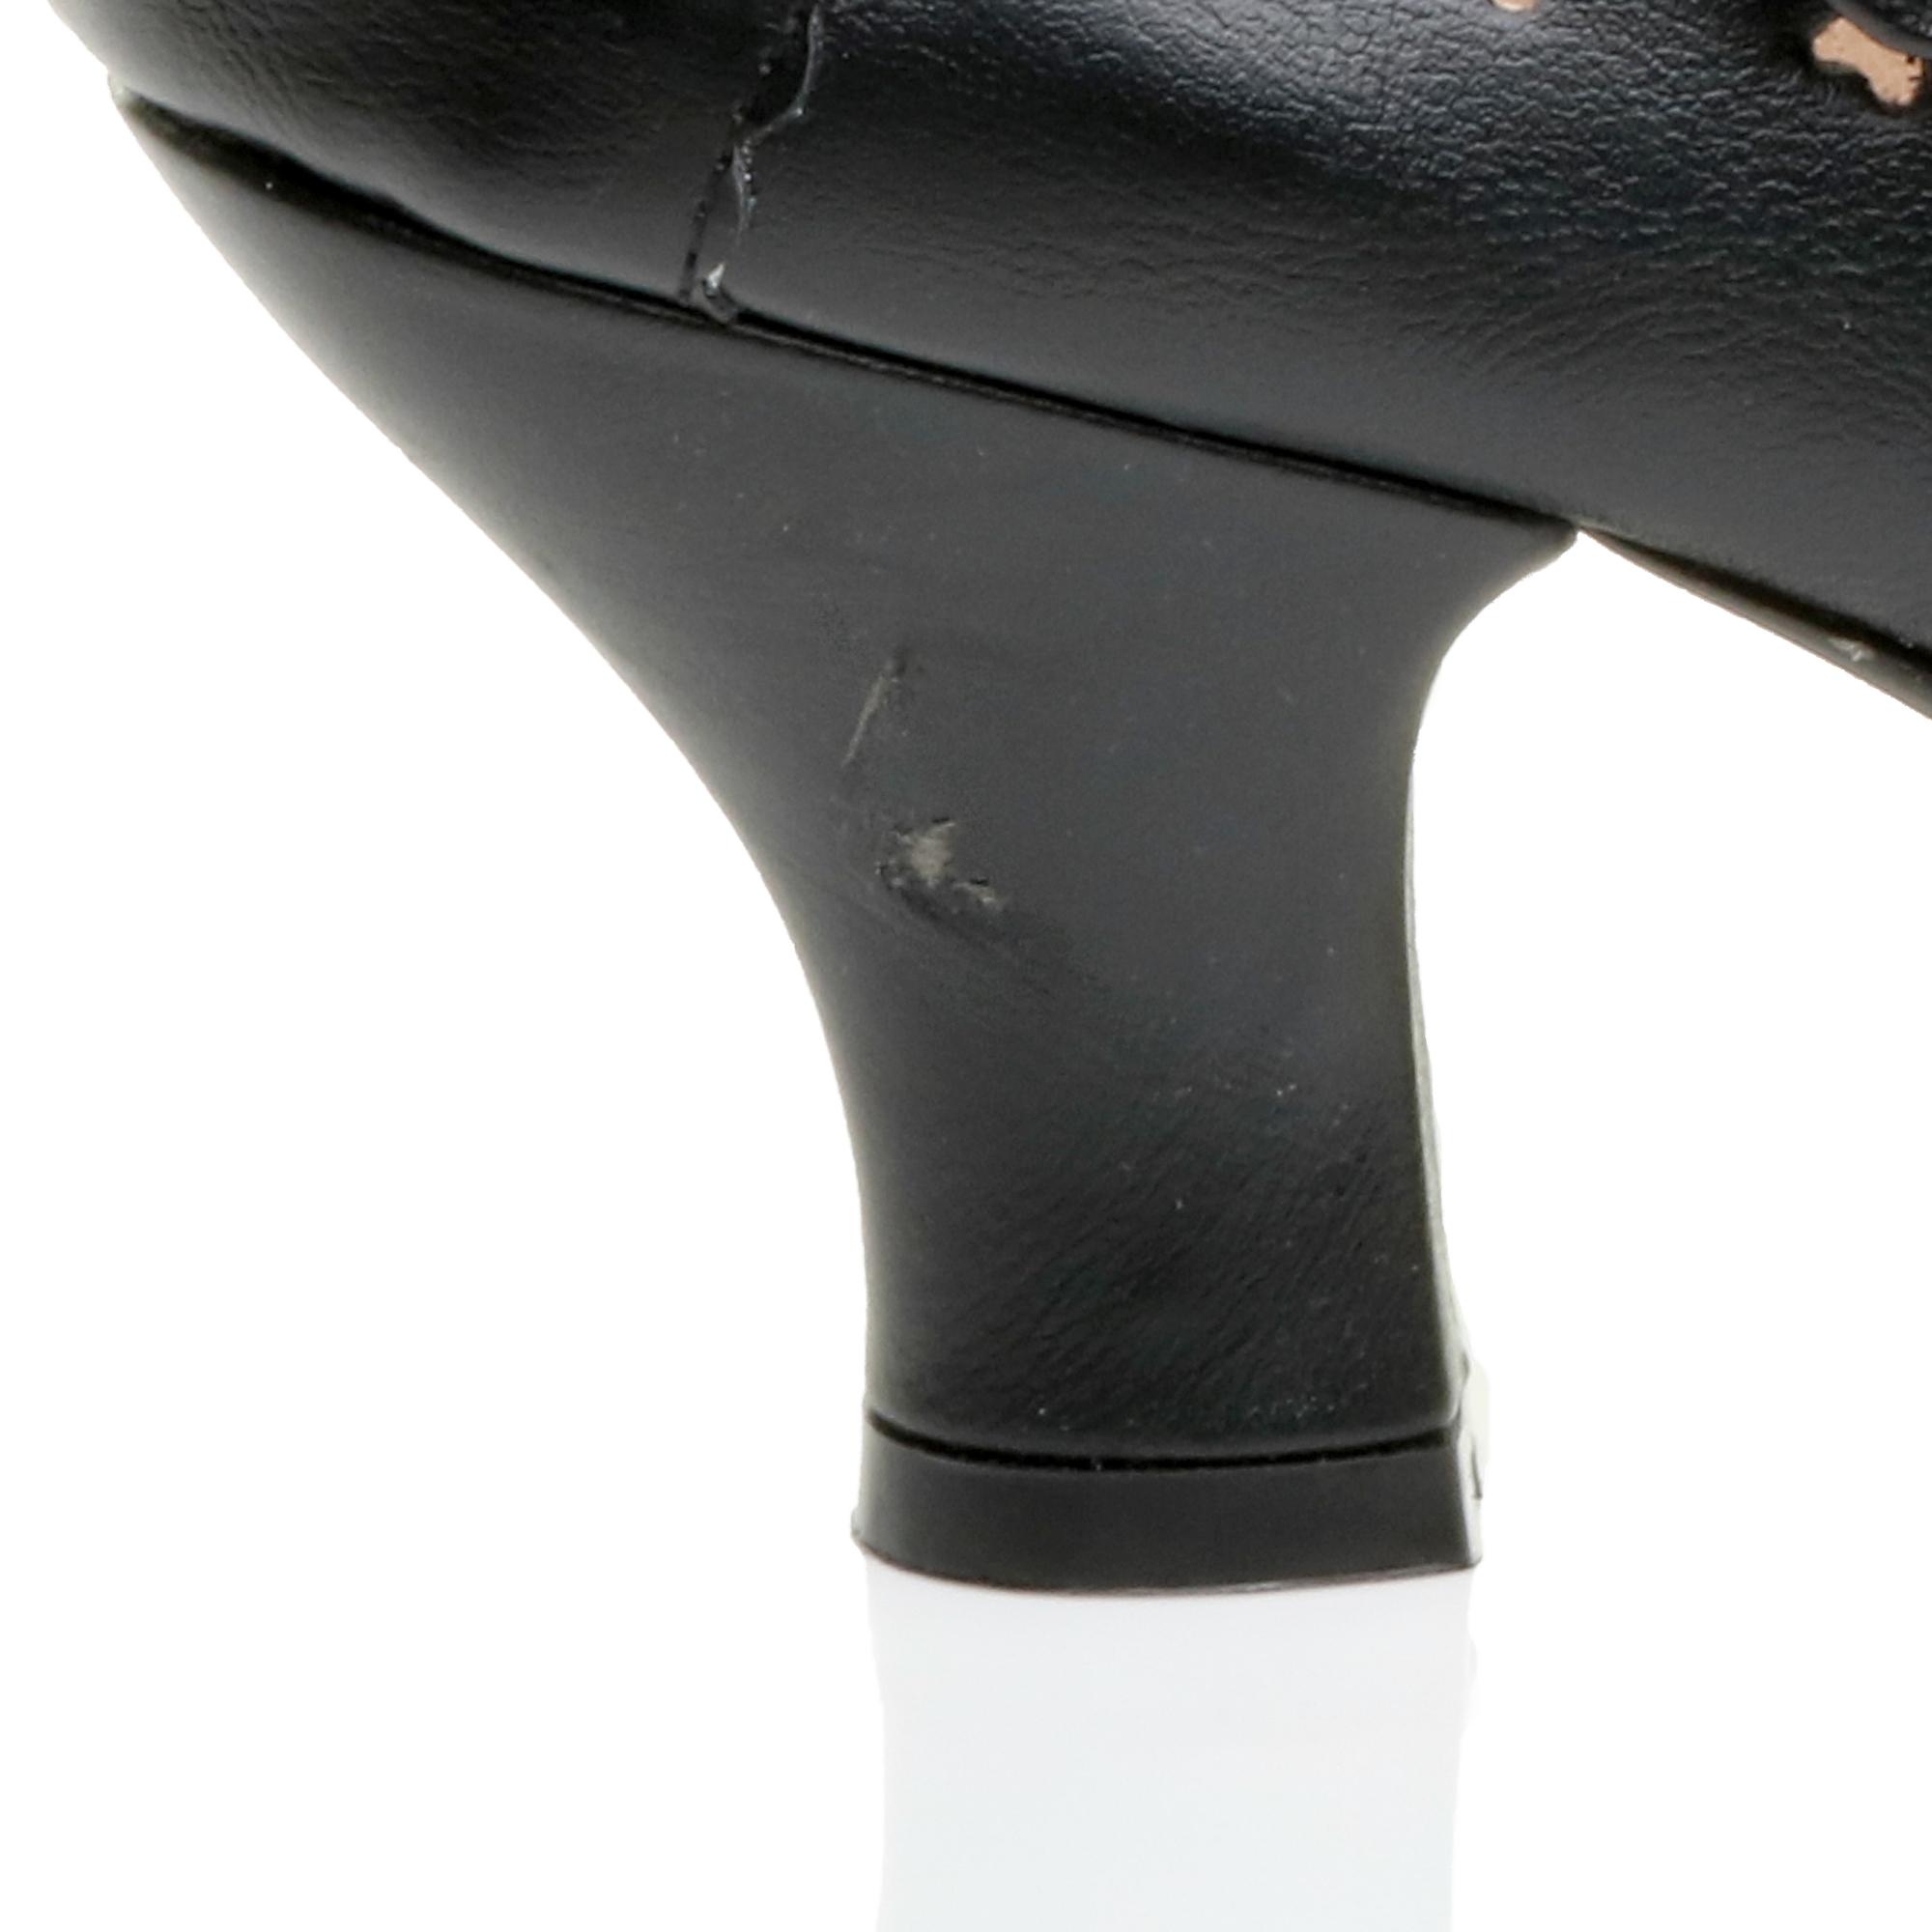 miniatura 8 - Da Donna con Tacco Basso Cinturino Alla Caviglia Mary Jane Stile Scarpe Eleganti Lavoro Pompe Dimensione